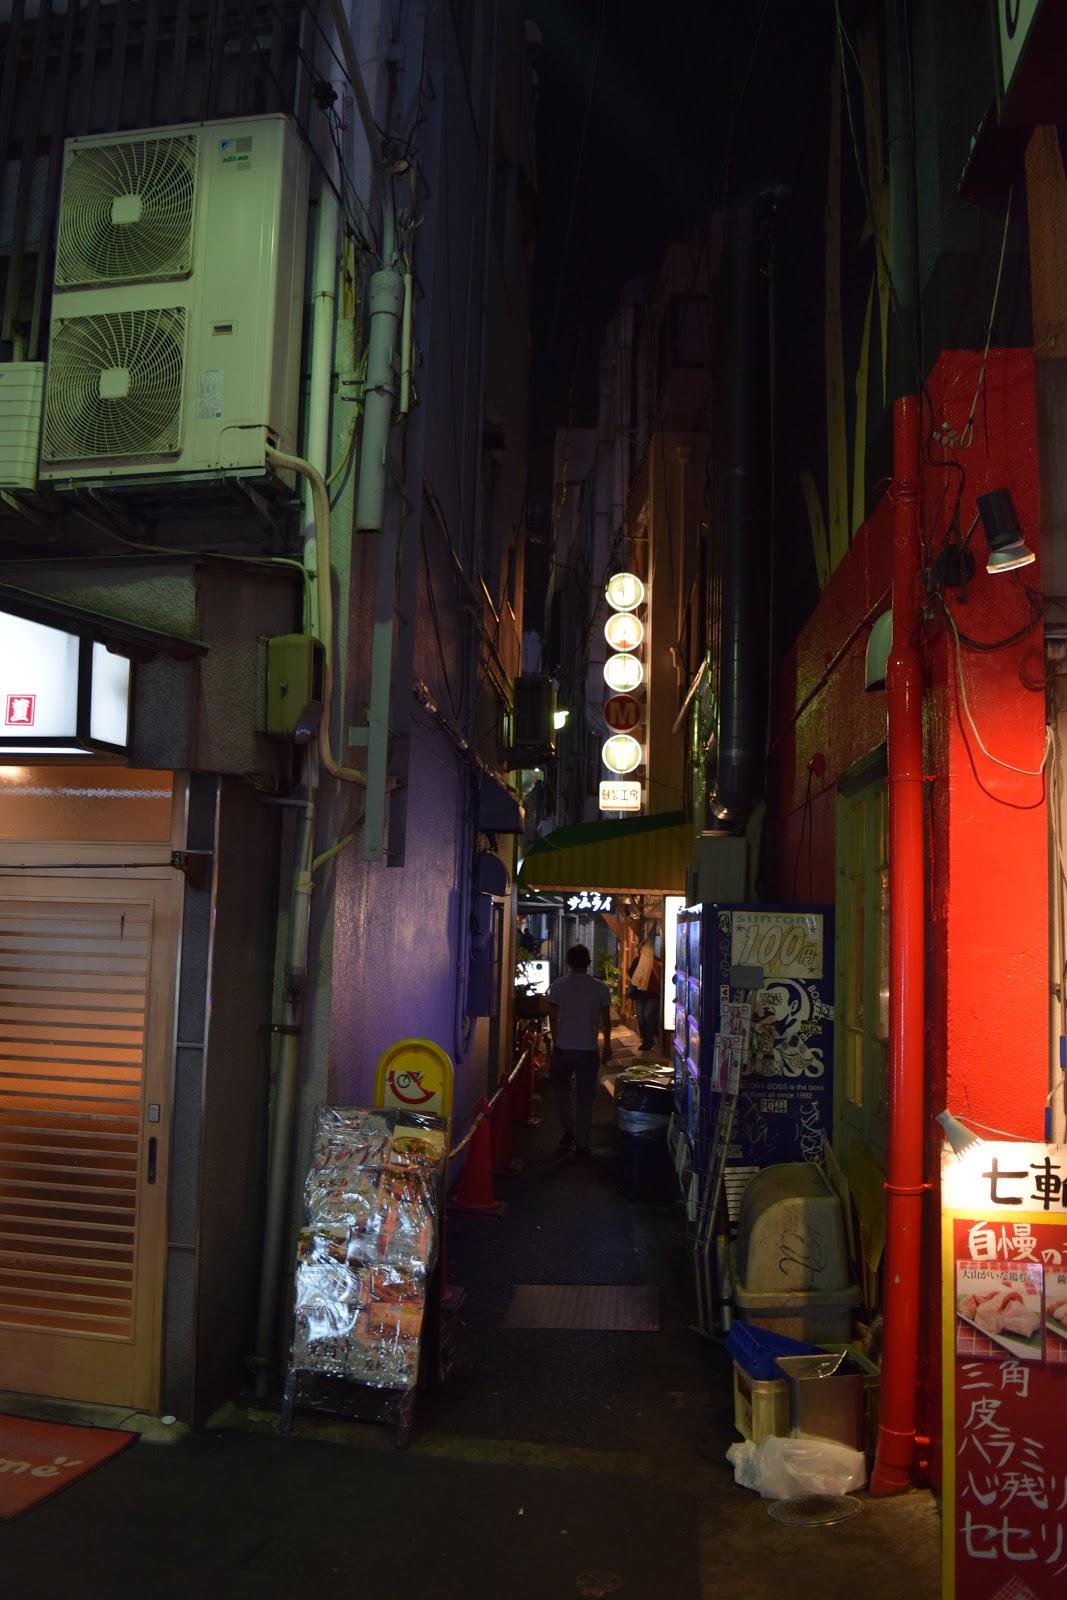 Tiny side street in minami Osaka at night